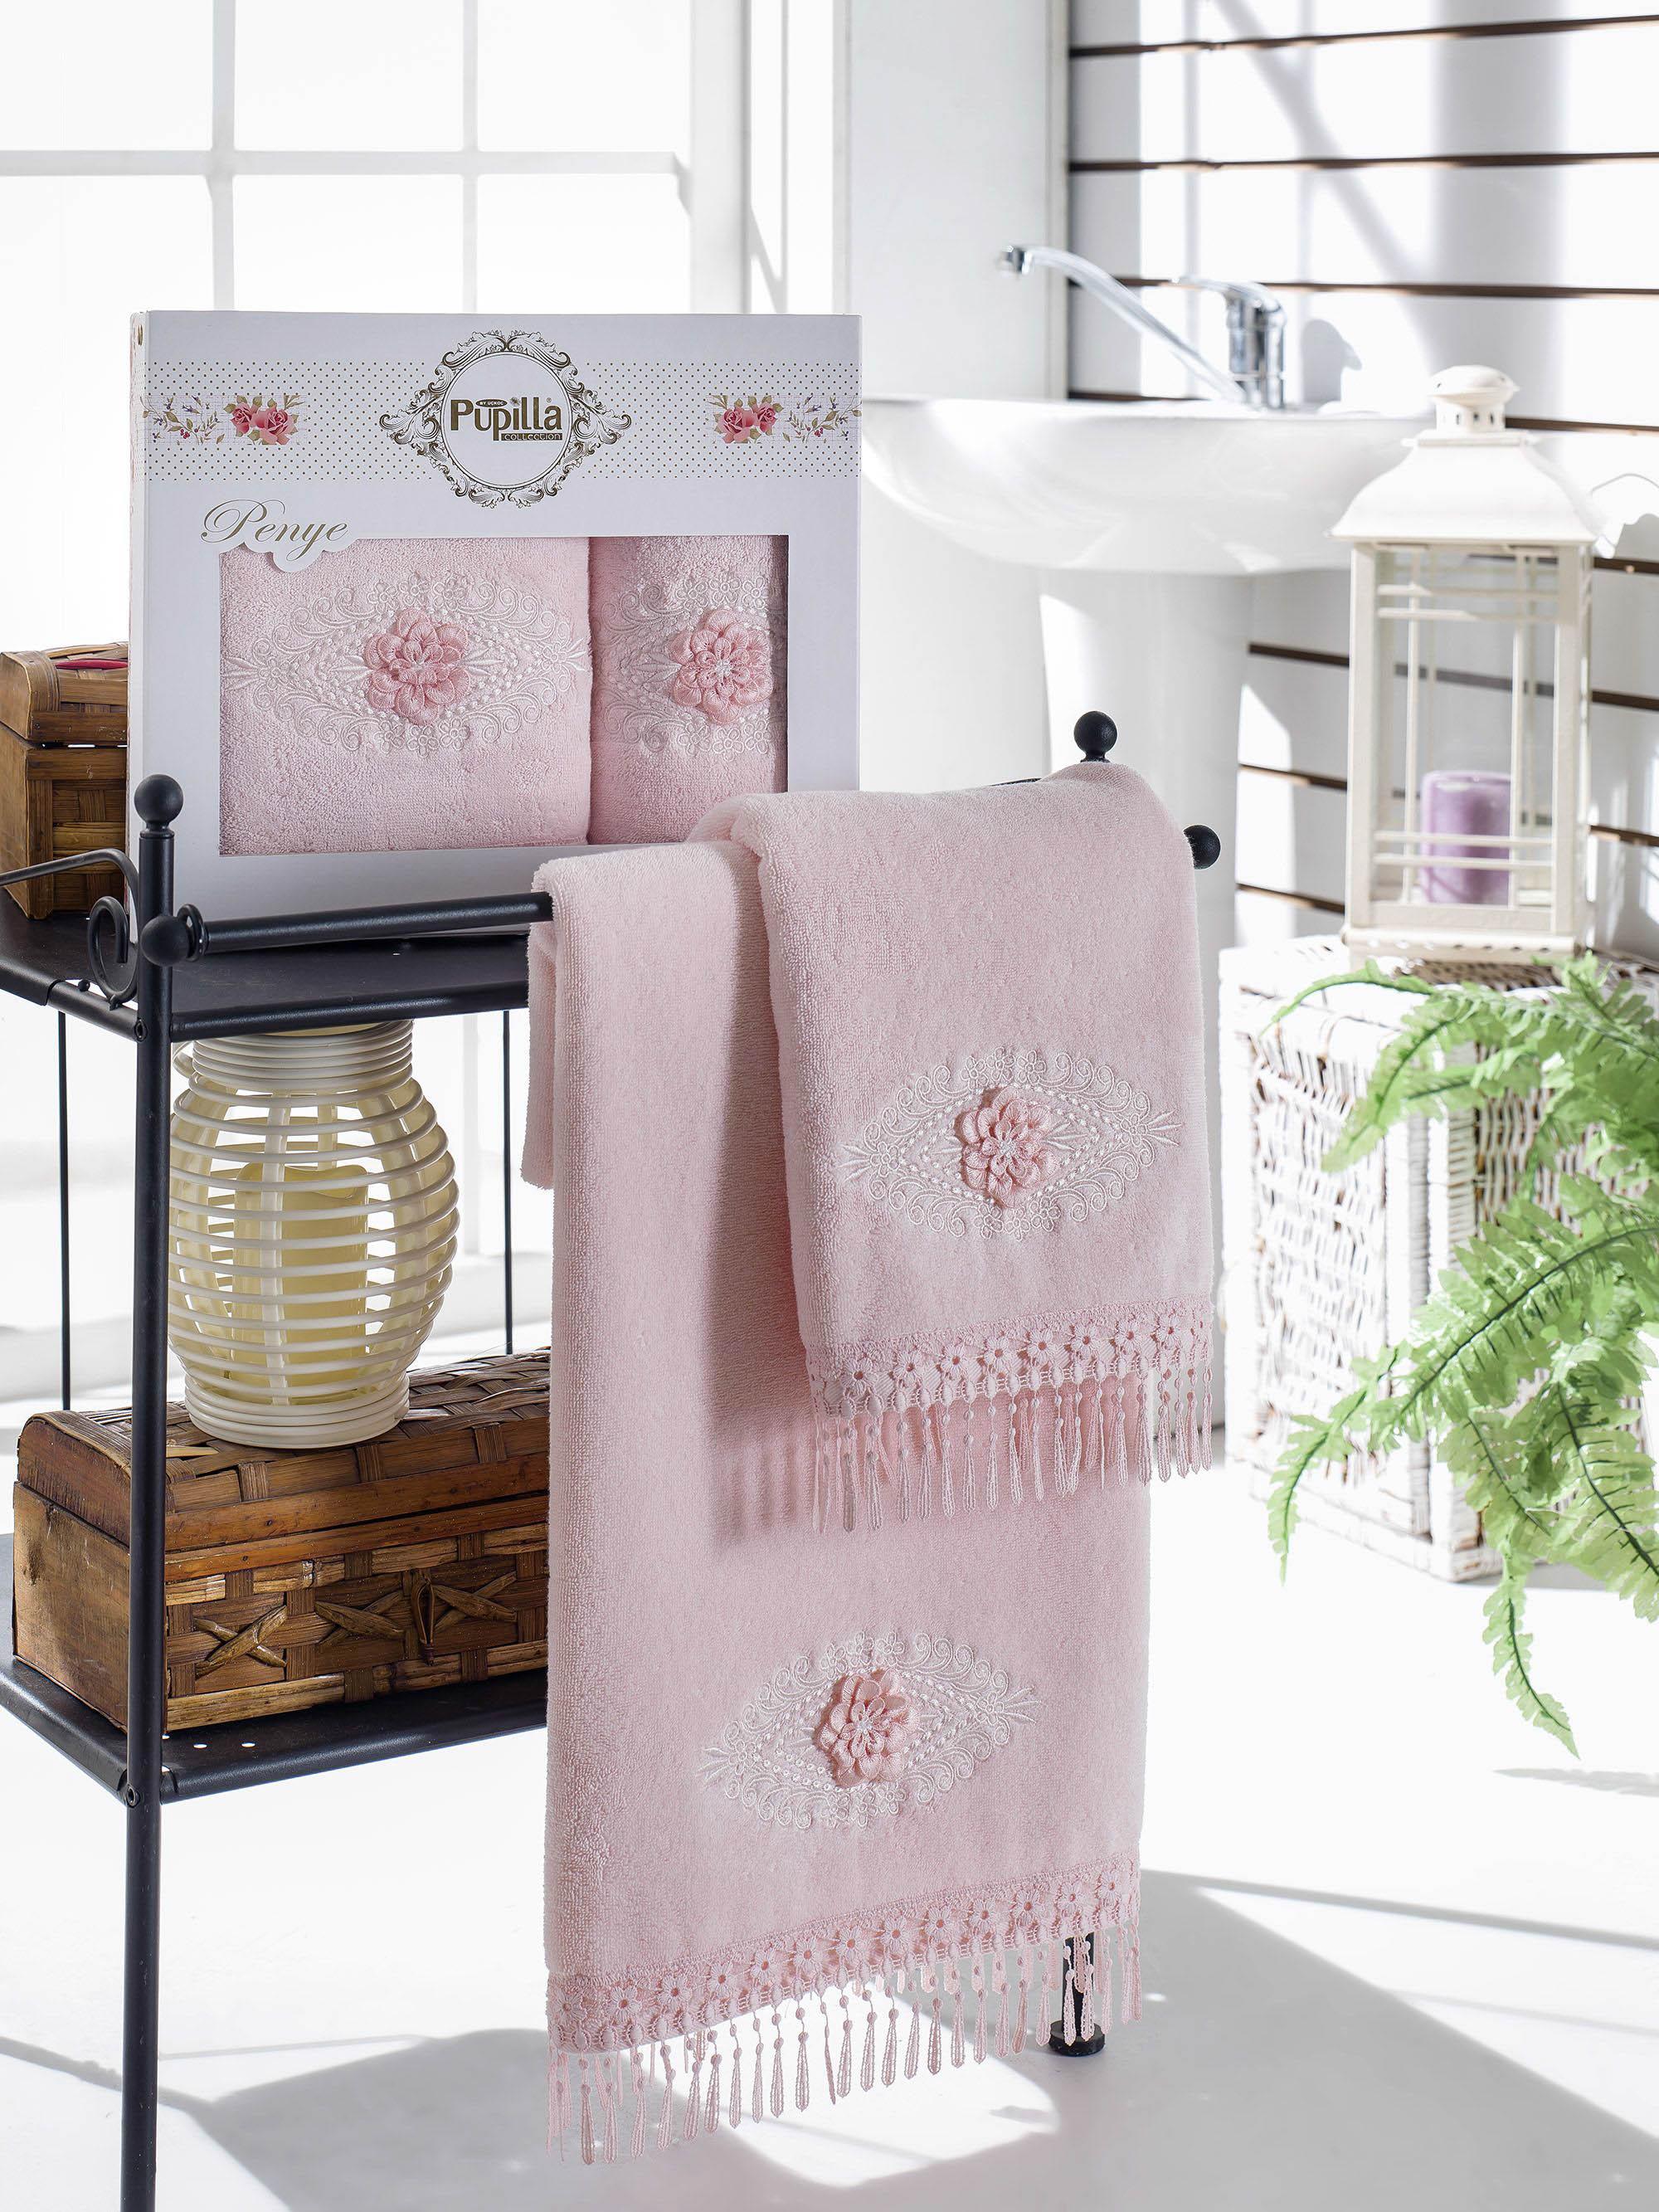 Полотенца Pupilla Набор из 2 полотенец Stil Цвет: Розовый набор полотенец 2 шт fiesta textile цвет розовый